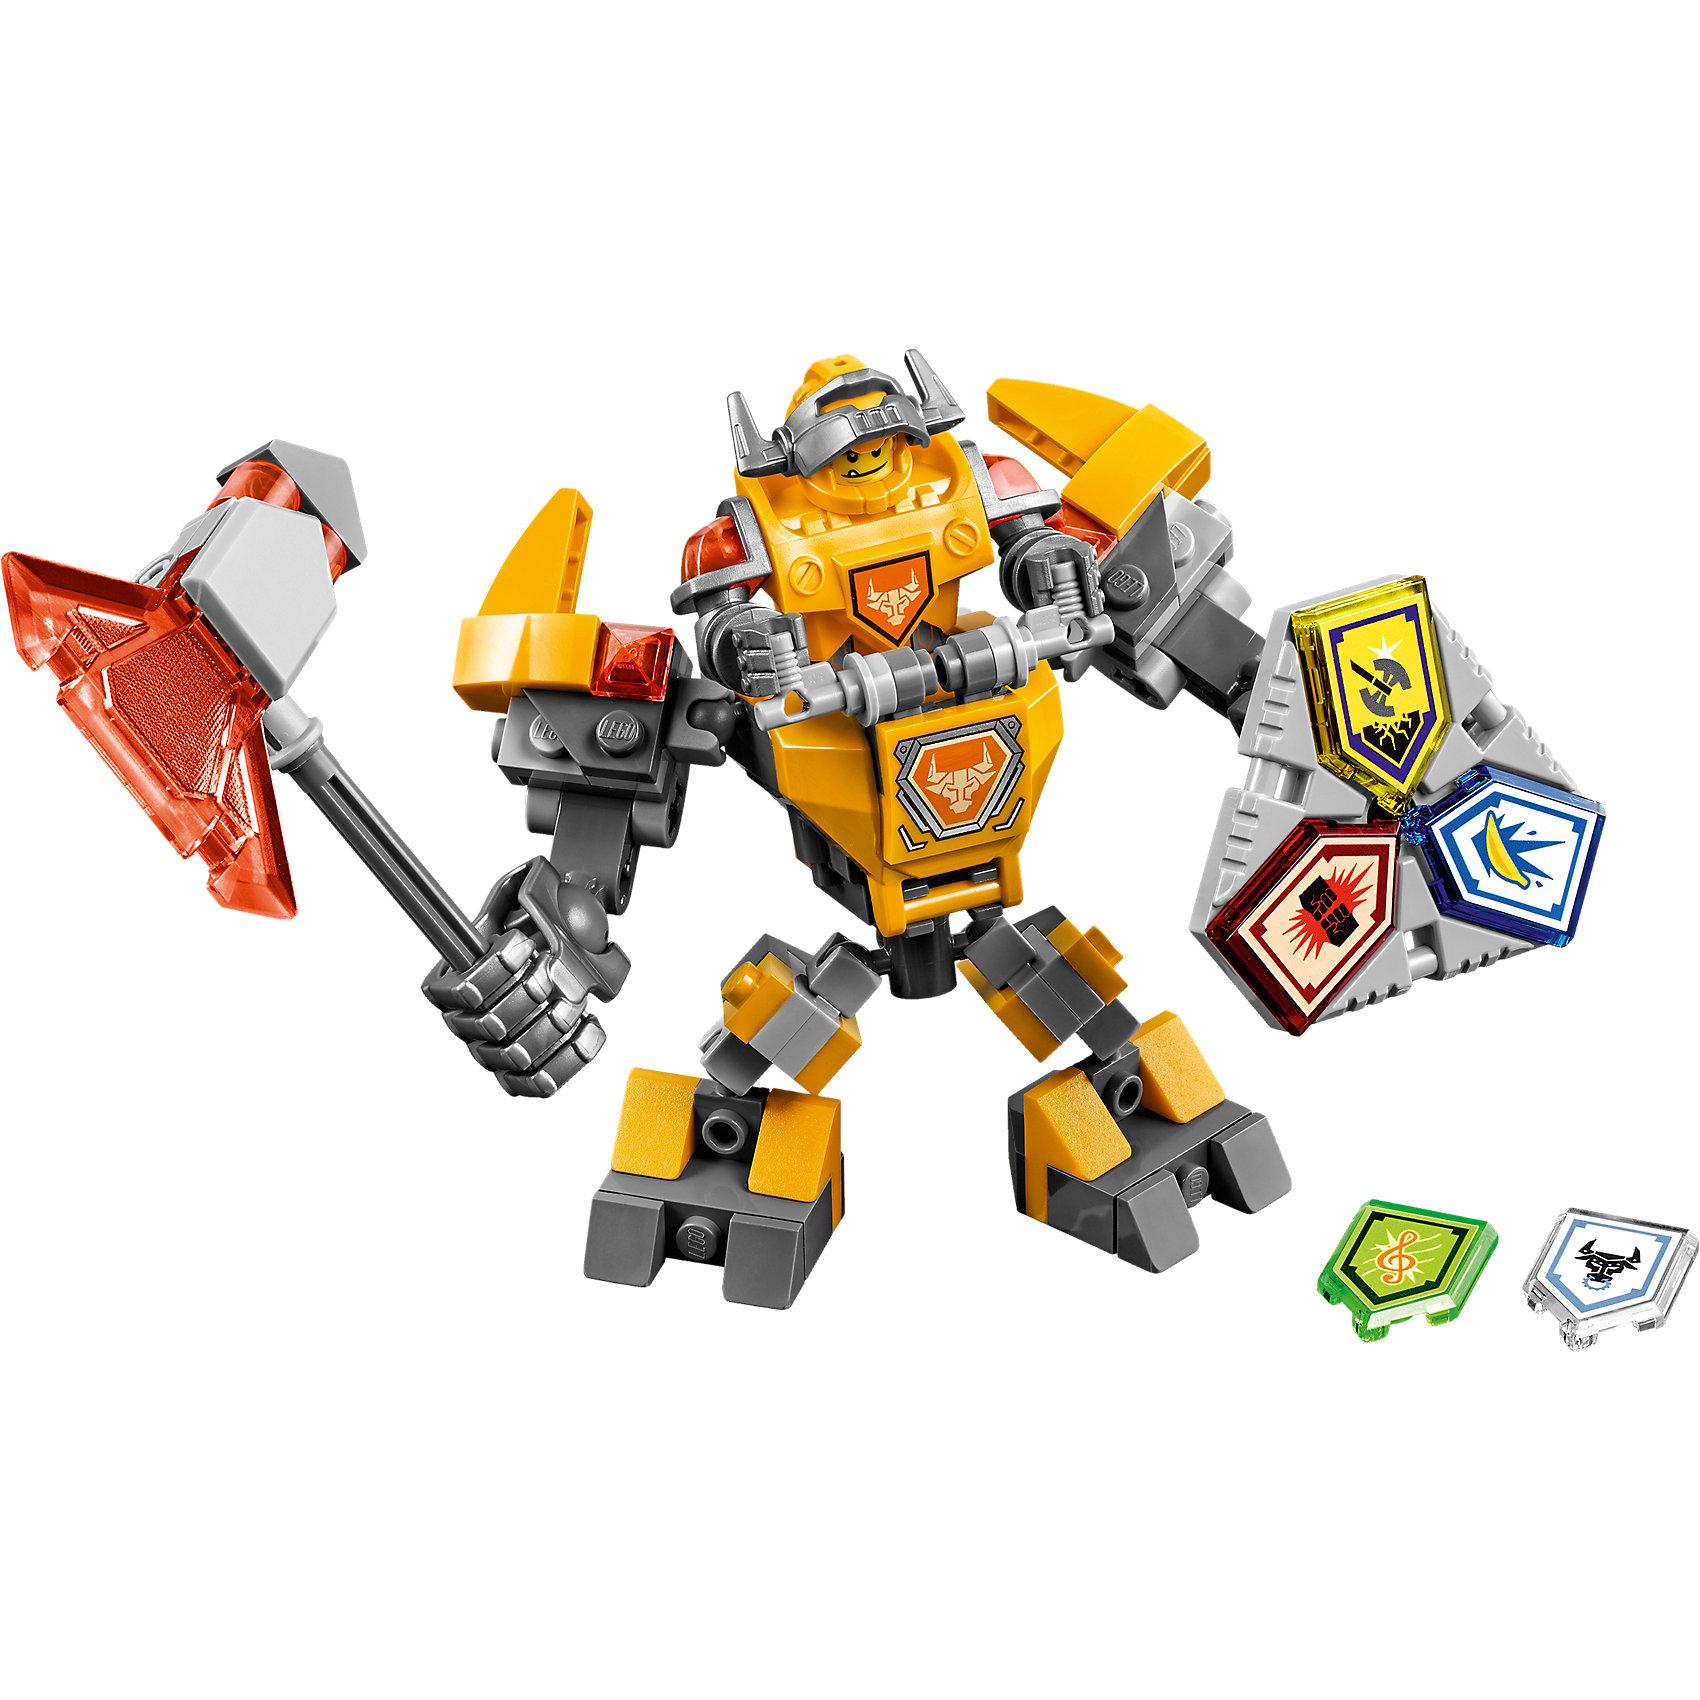 LEGO NEXO KNIGHTS 70365: Боевые доспехи АкселяПластмассовые конструкторы<br>LEGO NEXO KNIGHTS 70365: Боевые доспехи Акселя<br><br>Характеристики:<br><br>- в набор входит: доспехи, фигурка, 5 защитных сил, красочная инструкция<br>- состав: пластик<br>- количество деталей: 80<br>- размер коробки: 20 * 5,5 * 19 см.<br>- высота доспеха: 9 см.<br>- для детей в возрасте: от 7 до 14 лет<br>- Страна производитель: Дания/Китай/Чехия<br><br>Легендарный конструктор LEGO (ЛЕГО) представляет серию «NEXO KNIGHTS» (Нэксо Найтс) по сюжету одноименного мультсериала. Серия понравится любителям средневековья благодаря рыцарям, принцессам, монстрам и ужасным злодеям. Рыцарь Аксель получает свои новые боевые доспехи. Прекрасное сочетание темно-серого, желтого и оранжевого цветов отлично ему подходят. Доспех на шарнирах и позволяет рыцарю свободно двигать руками и ногами в плечах, локтях, коленях, бедрах и торсе. Прочный щит содержит сразу три силы, а надежный и яркий топор станет отличным помощников в битве. Изображенный на груди герб Акселя является особенностью доспеха. Фигурка Акселя входит в комплект, отлично детализирована и имеет два выражения лица. Съемный шлем выглядит очень правдоподобно, забрало поднимается и опускается. К доспеху можно будет прикрепить дополнительные детали от LEGO NEXO KNIGHTS, которые выйдут во втором полугодии 2017 года. Помогай рыцарям бороться с каменными монстрами с помощью прогресса и невероятной Нексо силы!<br><br>Конструктор LEGO NEXO KNIGHTS 70365: Боевые доспехи Акселя можно купить в нашем интернет-магазине.<br><br>Ширина мм: 210<br>Глубина мм: 182<br>Высота мм: 53<br>Вес г: 130<br>Возраст от месяцев: 84<br>Возраст до месяцев: 168<br>Пол: Мужской<br>Возраст: Детский<br>SKU: 5002547